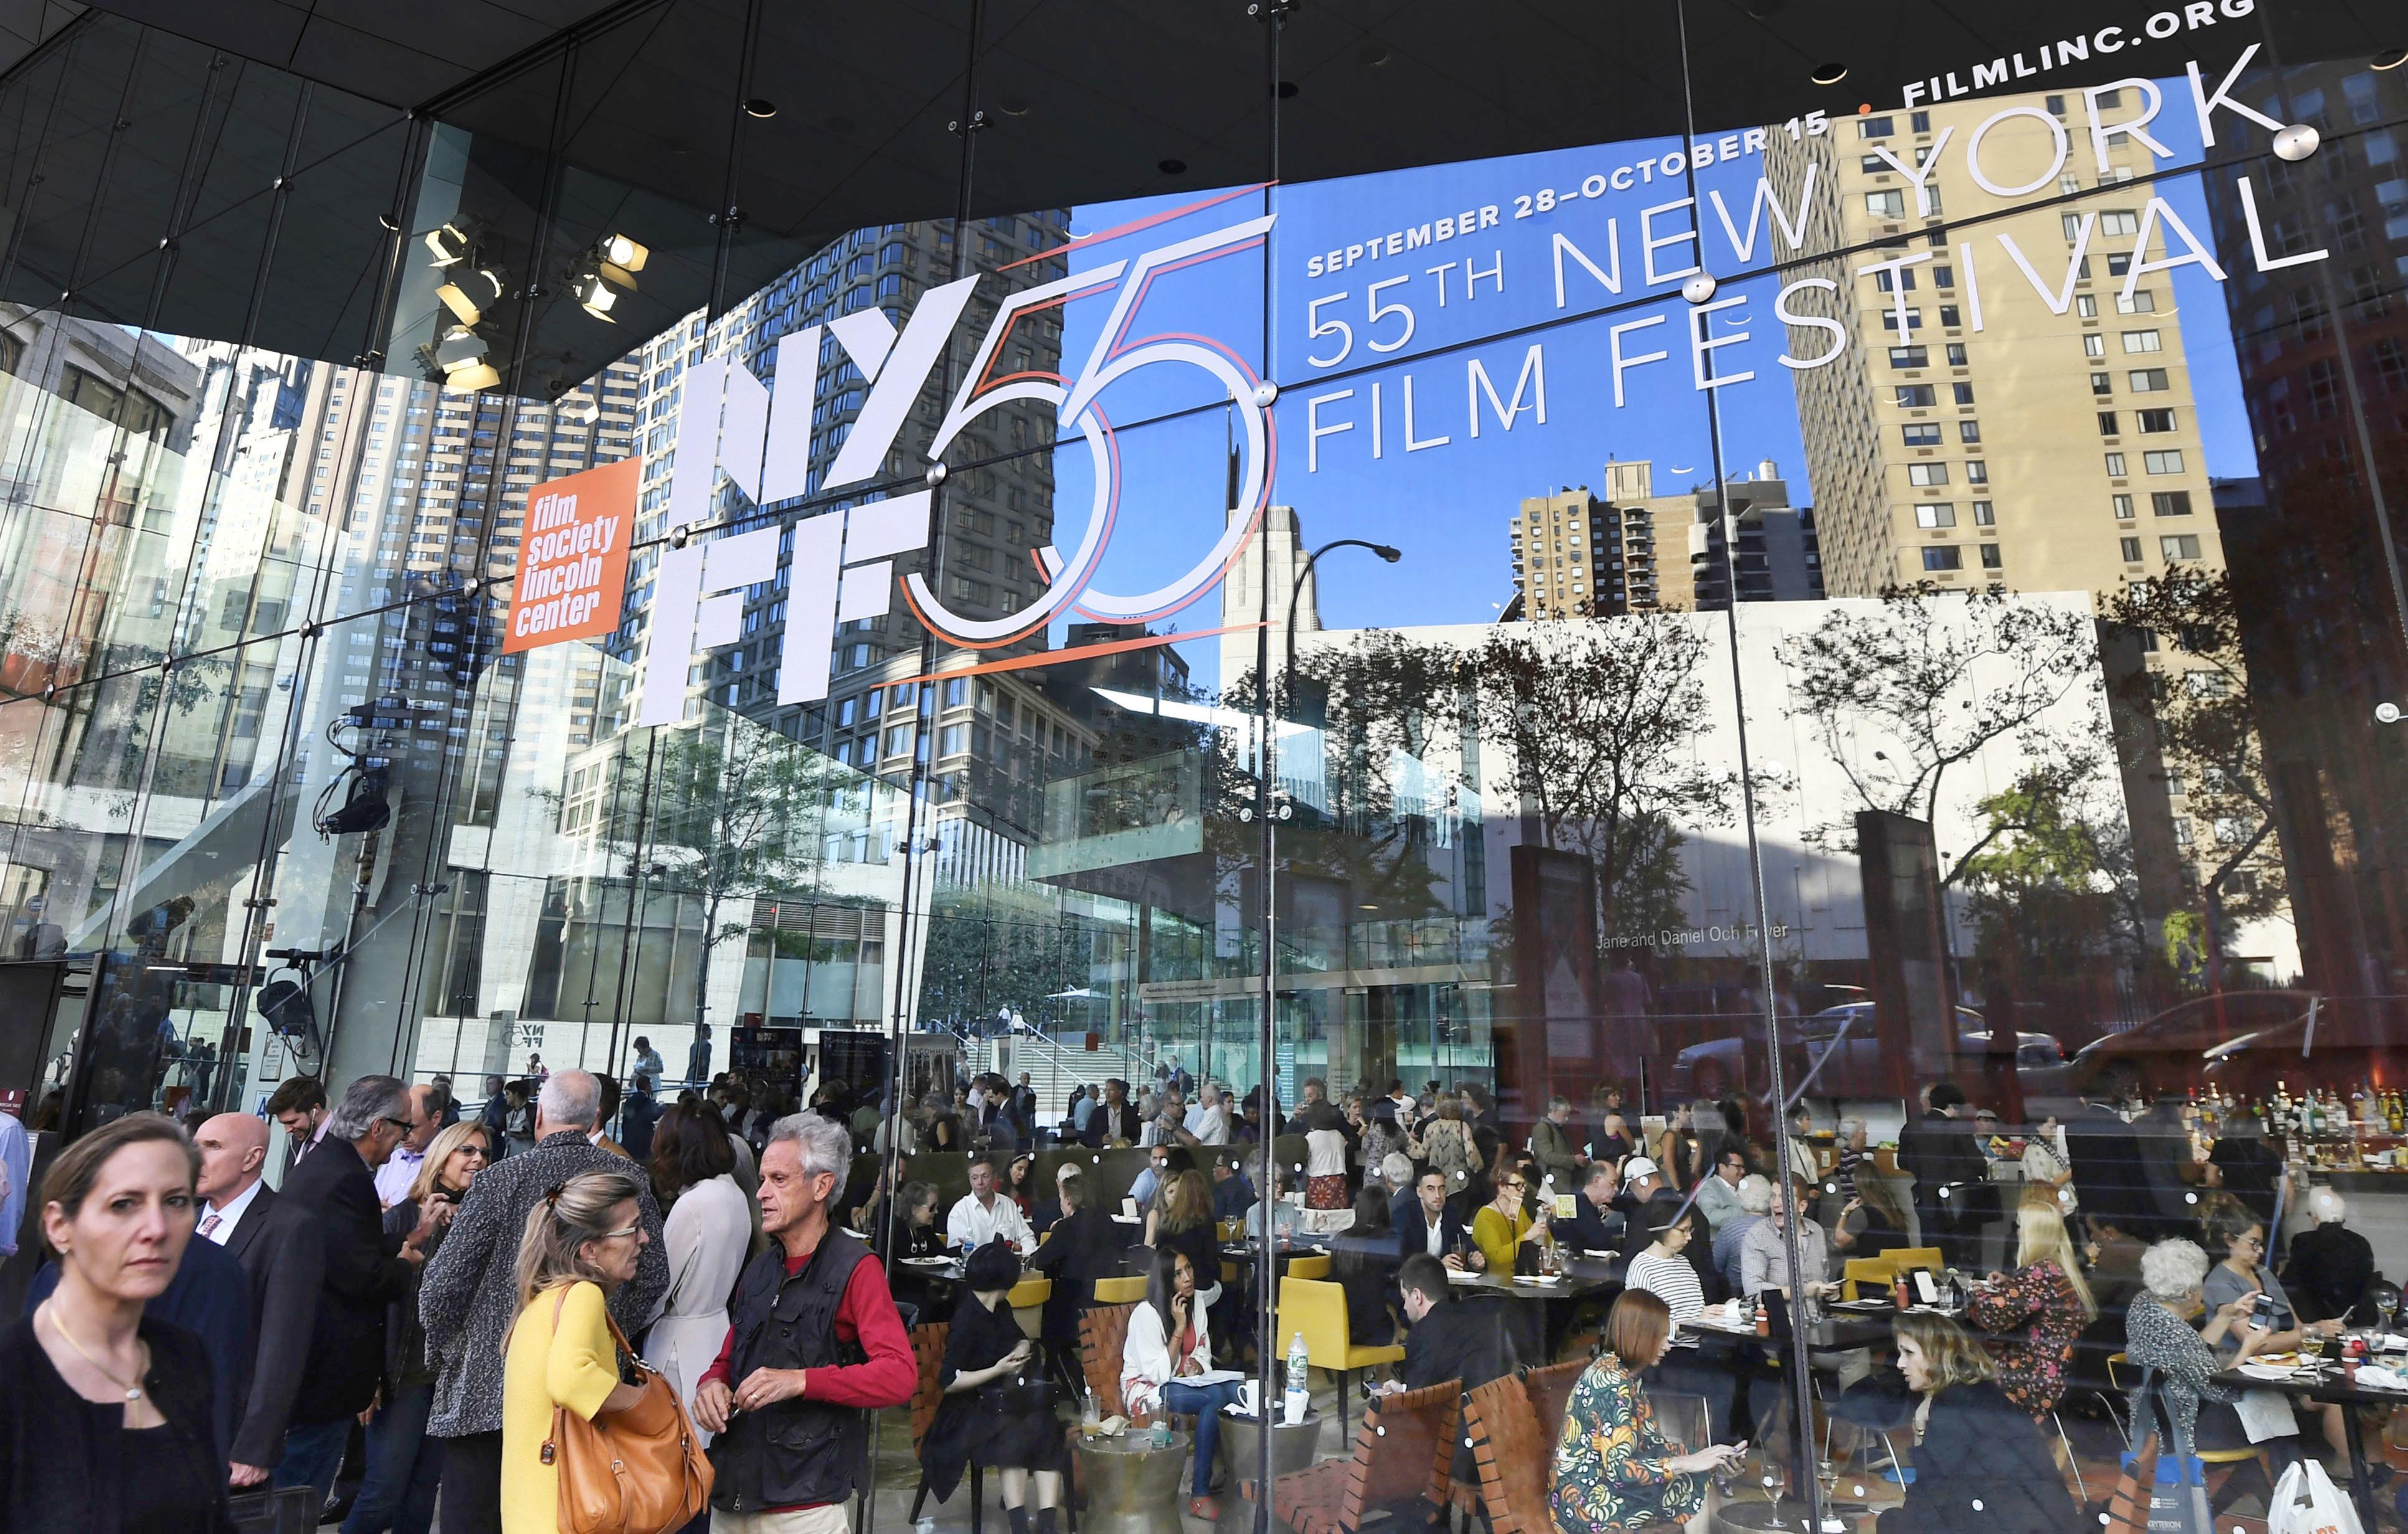 ニューヨーク映画祭の開幕日、映画関係者や映画好きのニューヨーカーたちでにぎわう会場のリンカーンセンター(撮影・中島悠、共同)